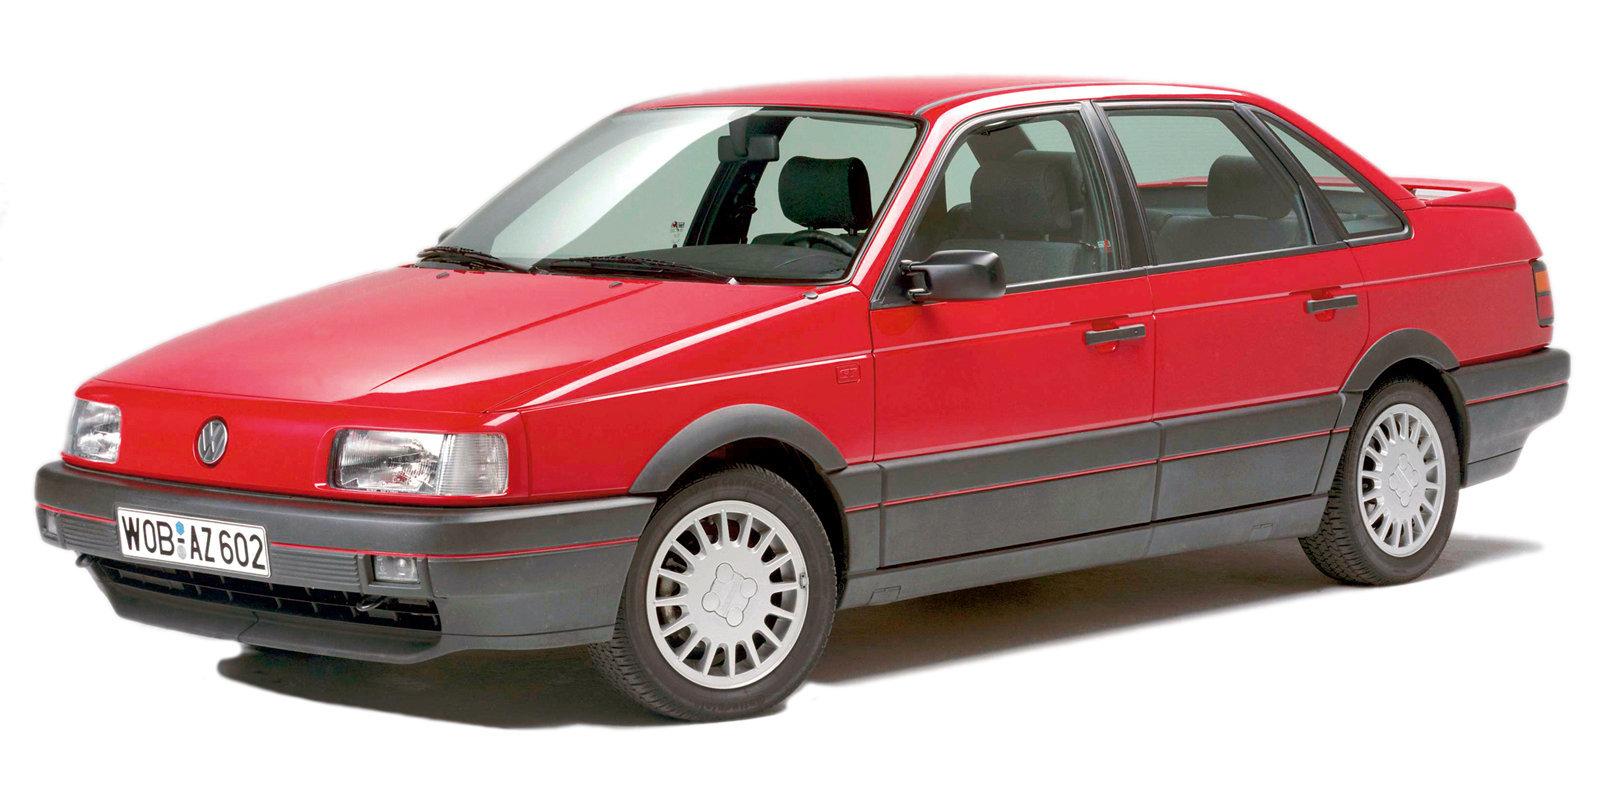 Coche del día: Volkswagen Passat GT G60 Syncro (B3)